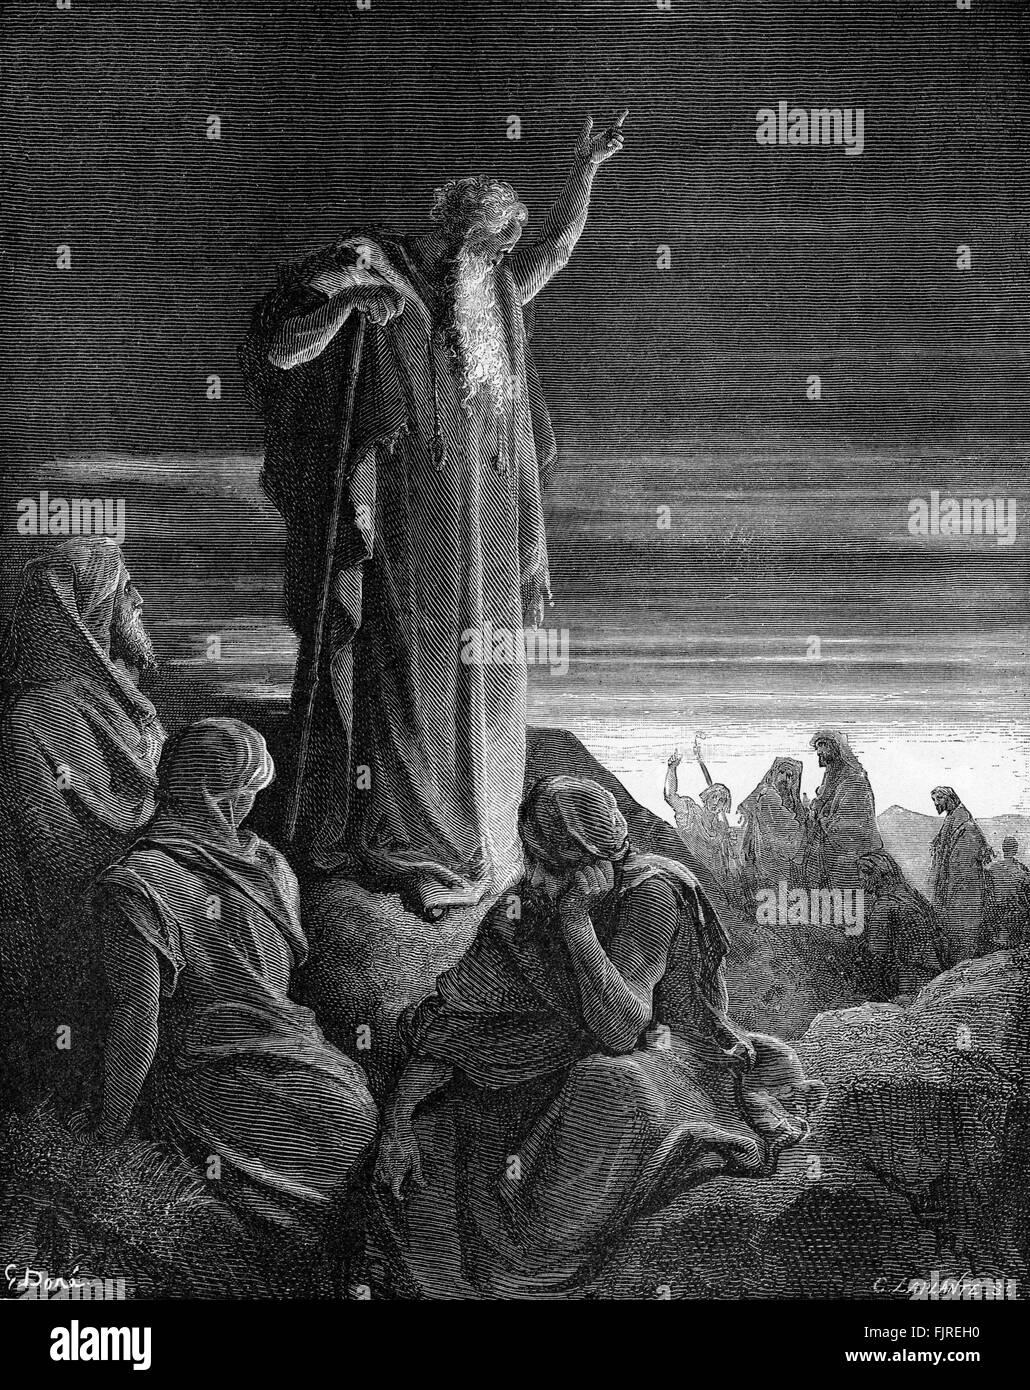 The prophet Ezekiel prophesying (Ezekiel chapter II), illustration by Gustave Doré (1832 – 1883) - Stock Image